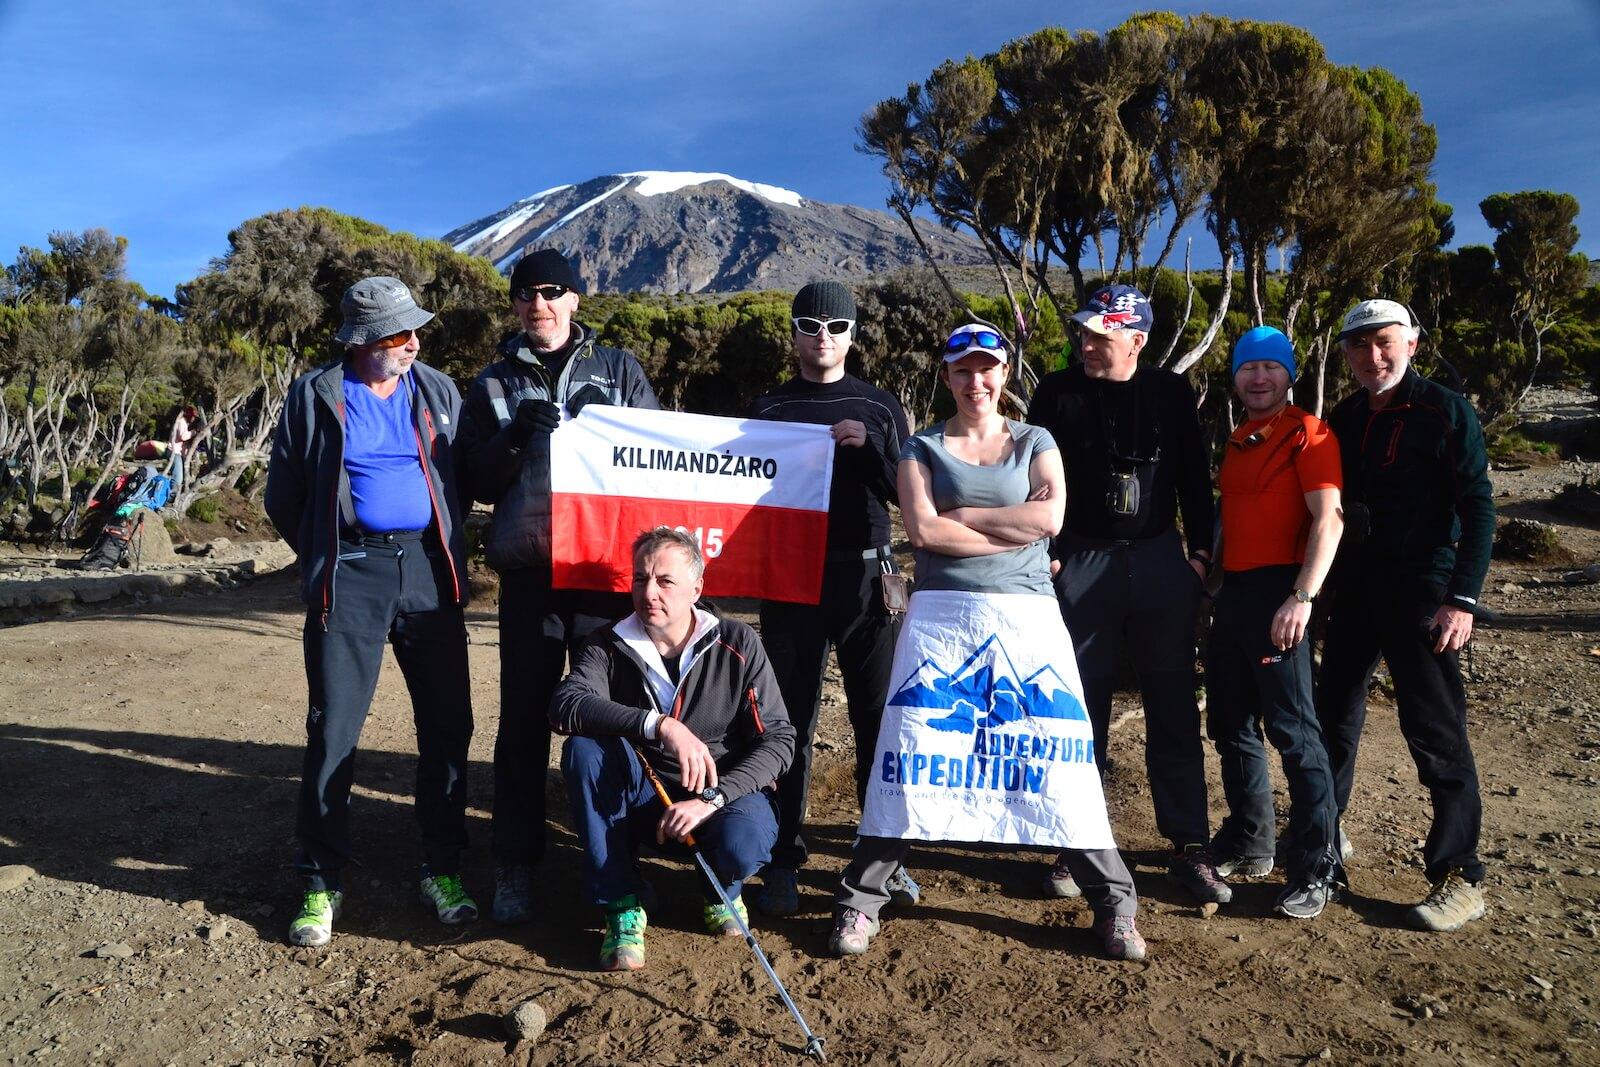 Grupa adventure-expedition w Campie Milenium Kilimanjaro - fot. Jerzy Kostrzewa